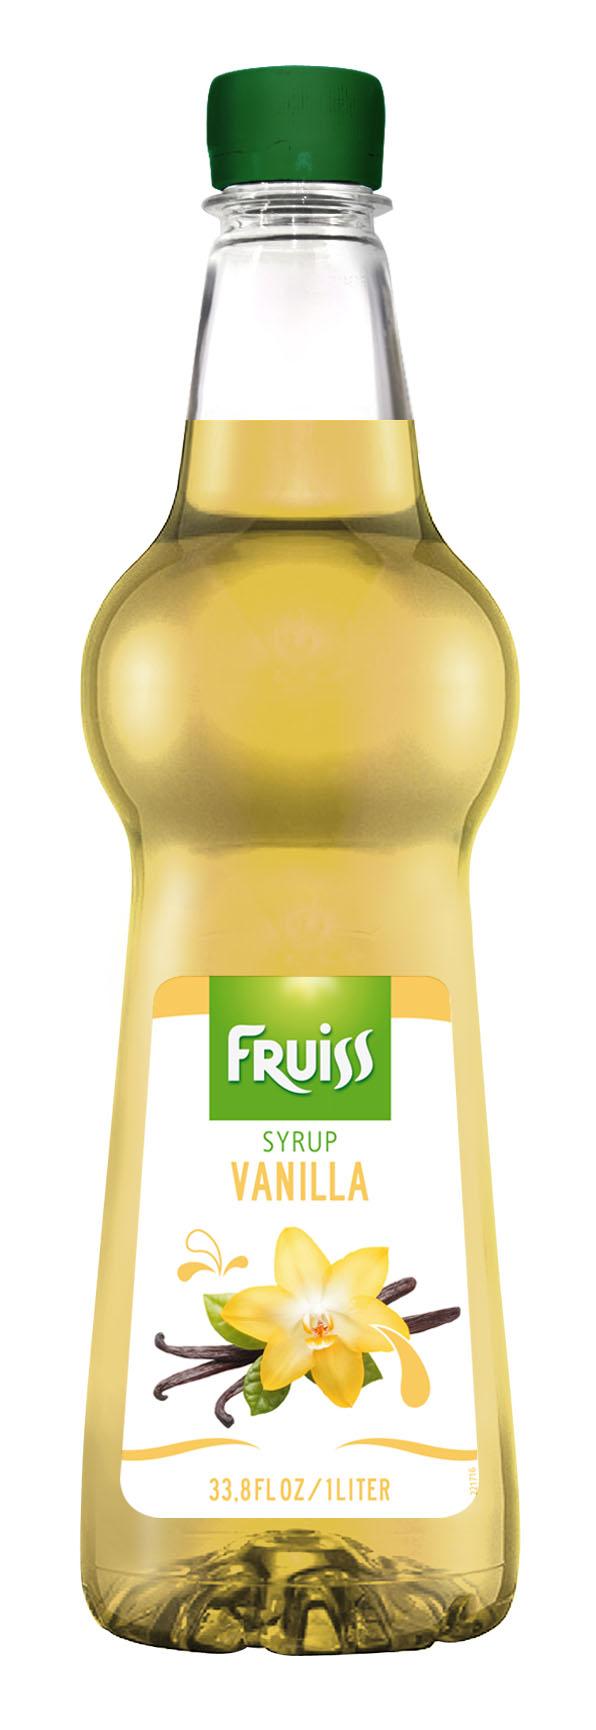 Fruiss Vanilla.jpg